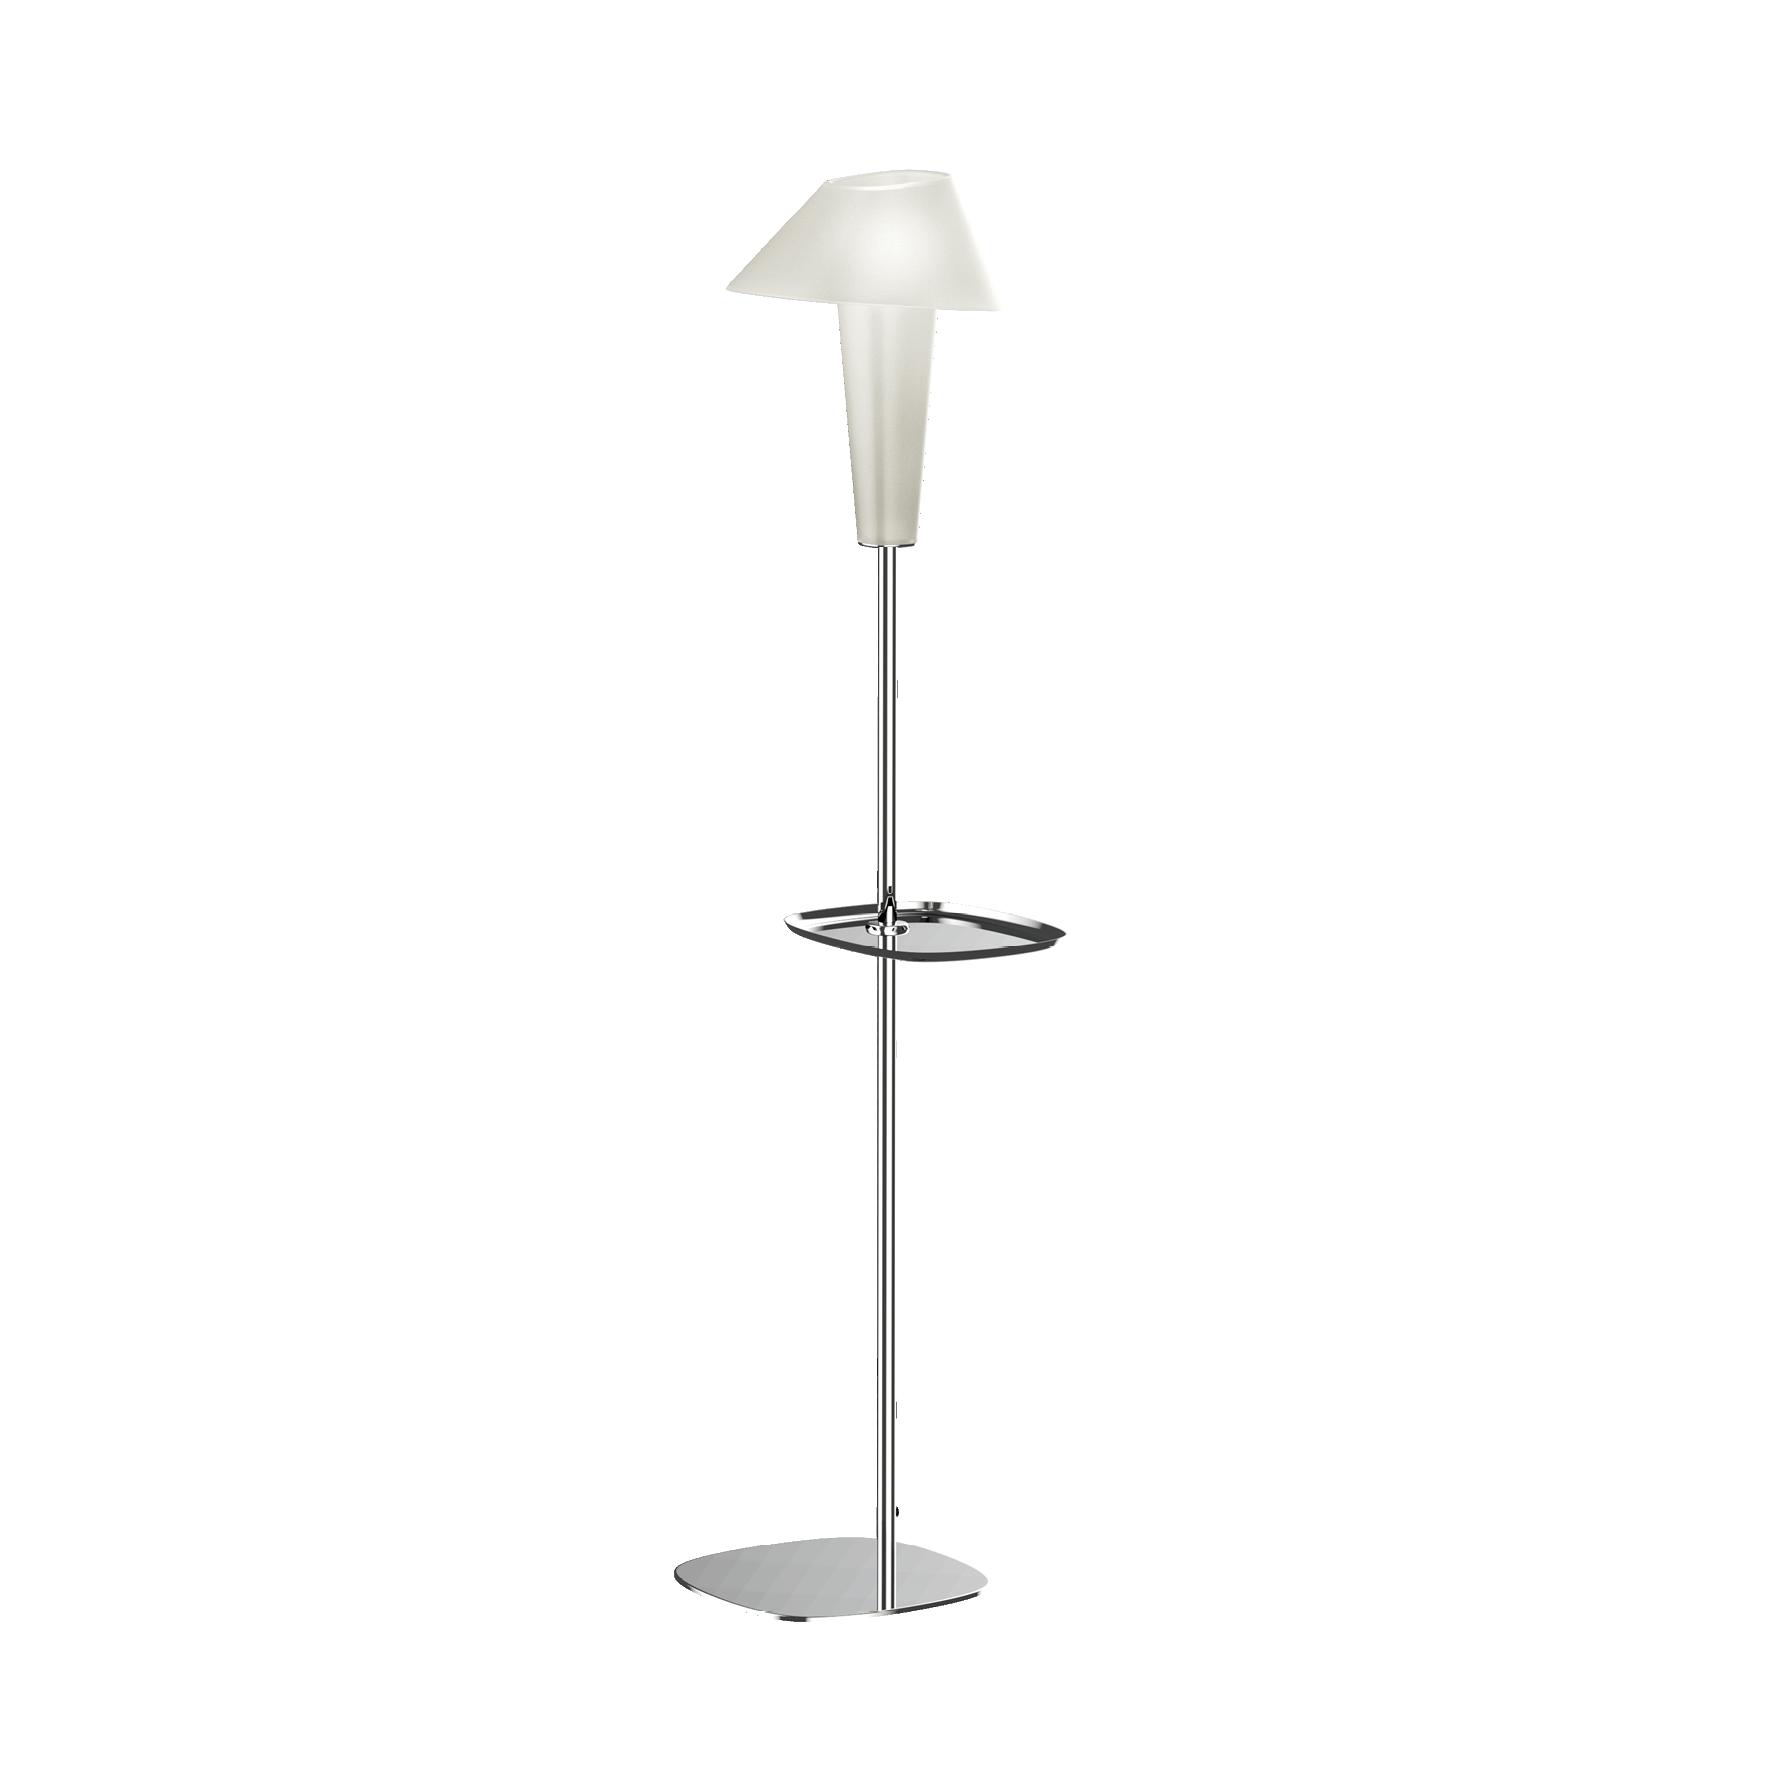 מנורה עומדת זכוכית wever and ducre עם מדף צד